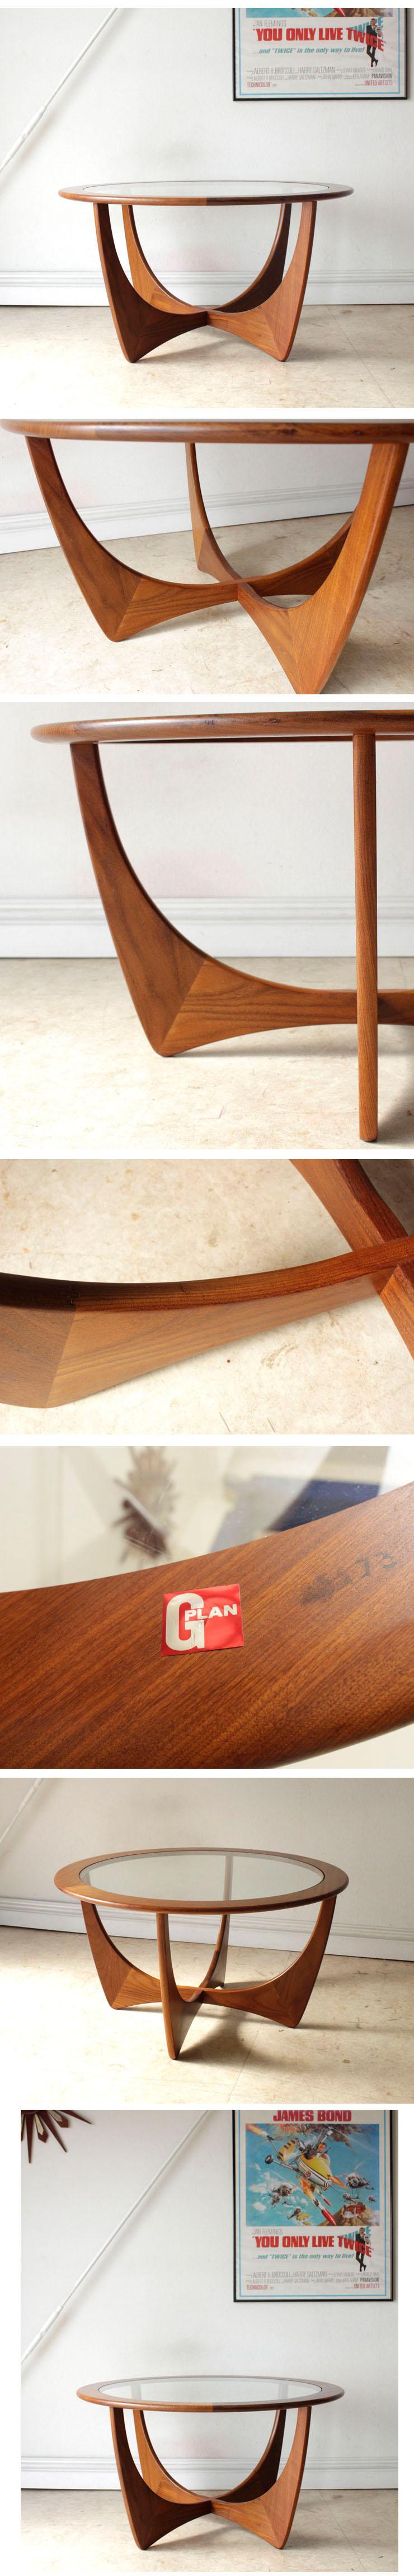 ジープラン・G-plan・コーヒーテーブル・ガラス・ビンテージ・家具・アンティーク・北欧・インテリア